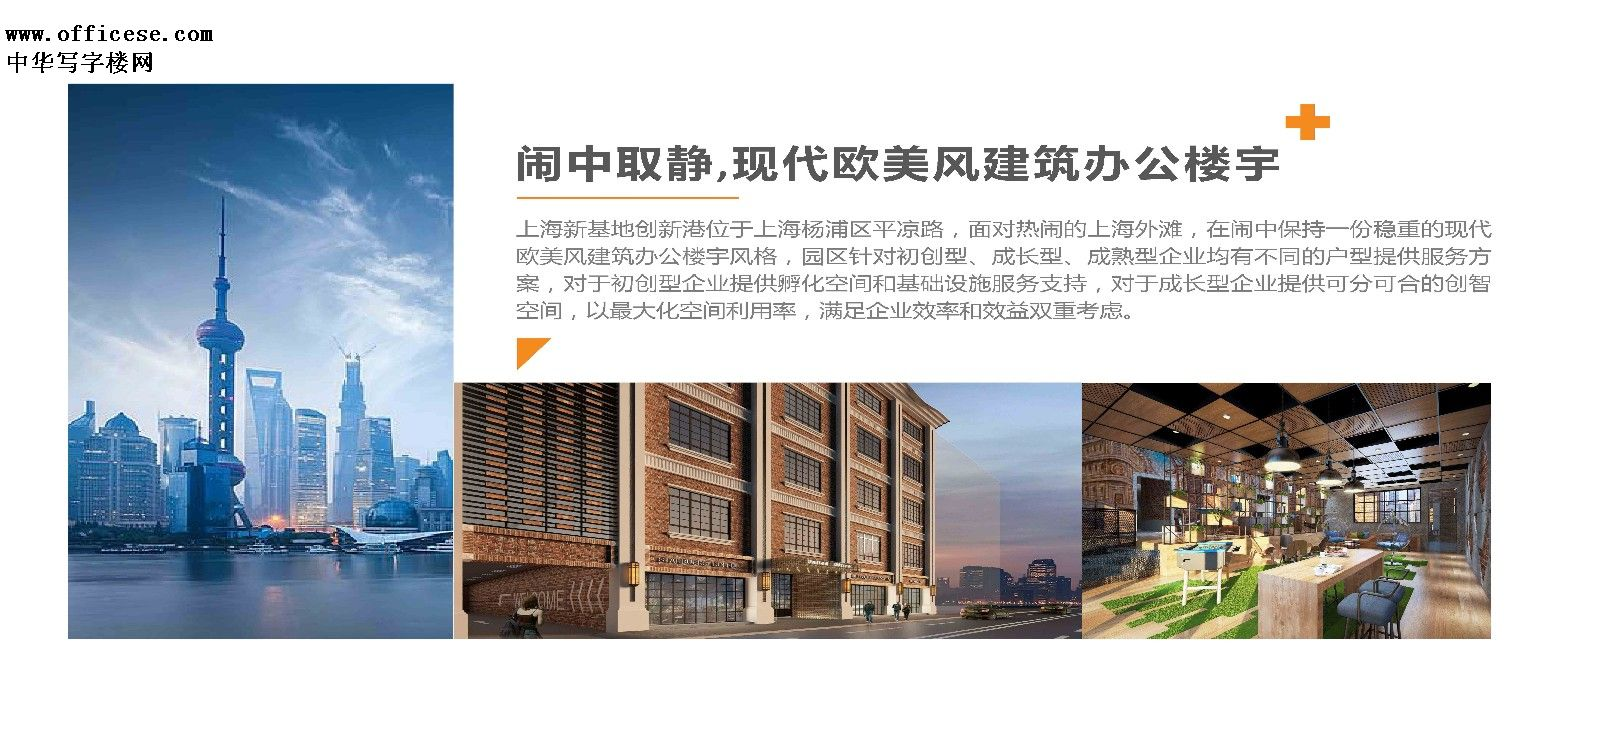 上海新基地创新港